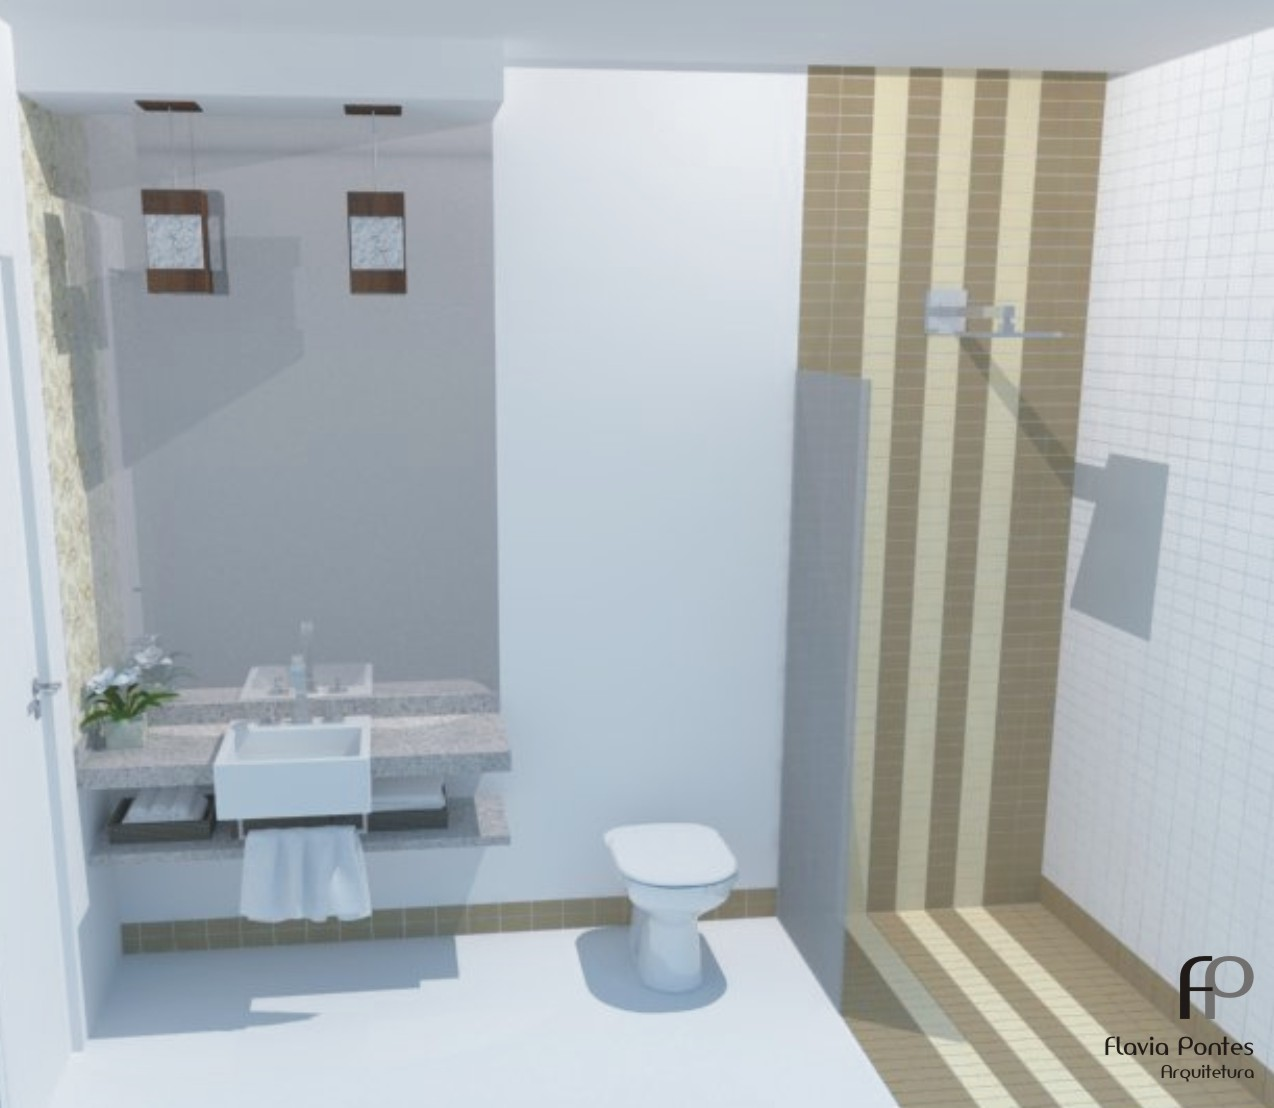 pediu uma alteração na paleta de cores do projeto do banheiro  #526679 1274x1108 Banheiro Com Cuba Azul